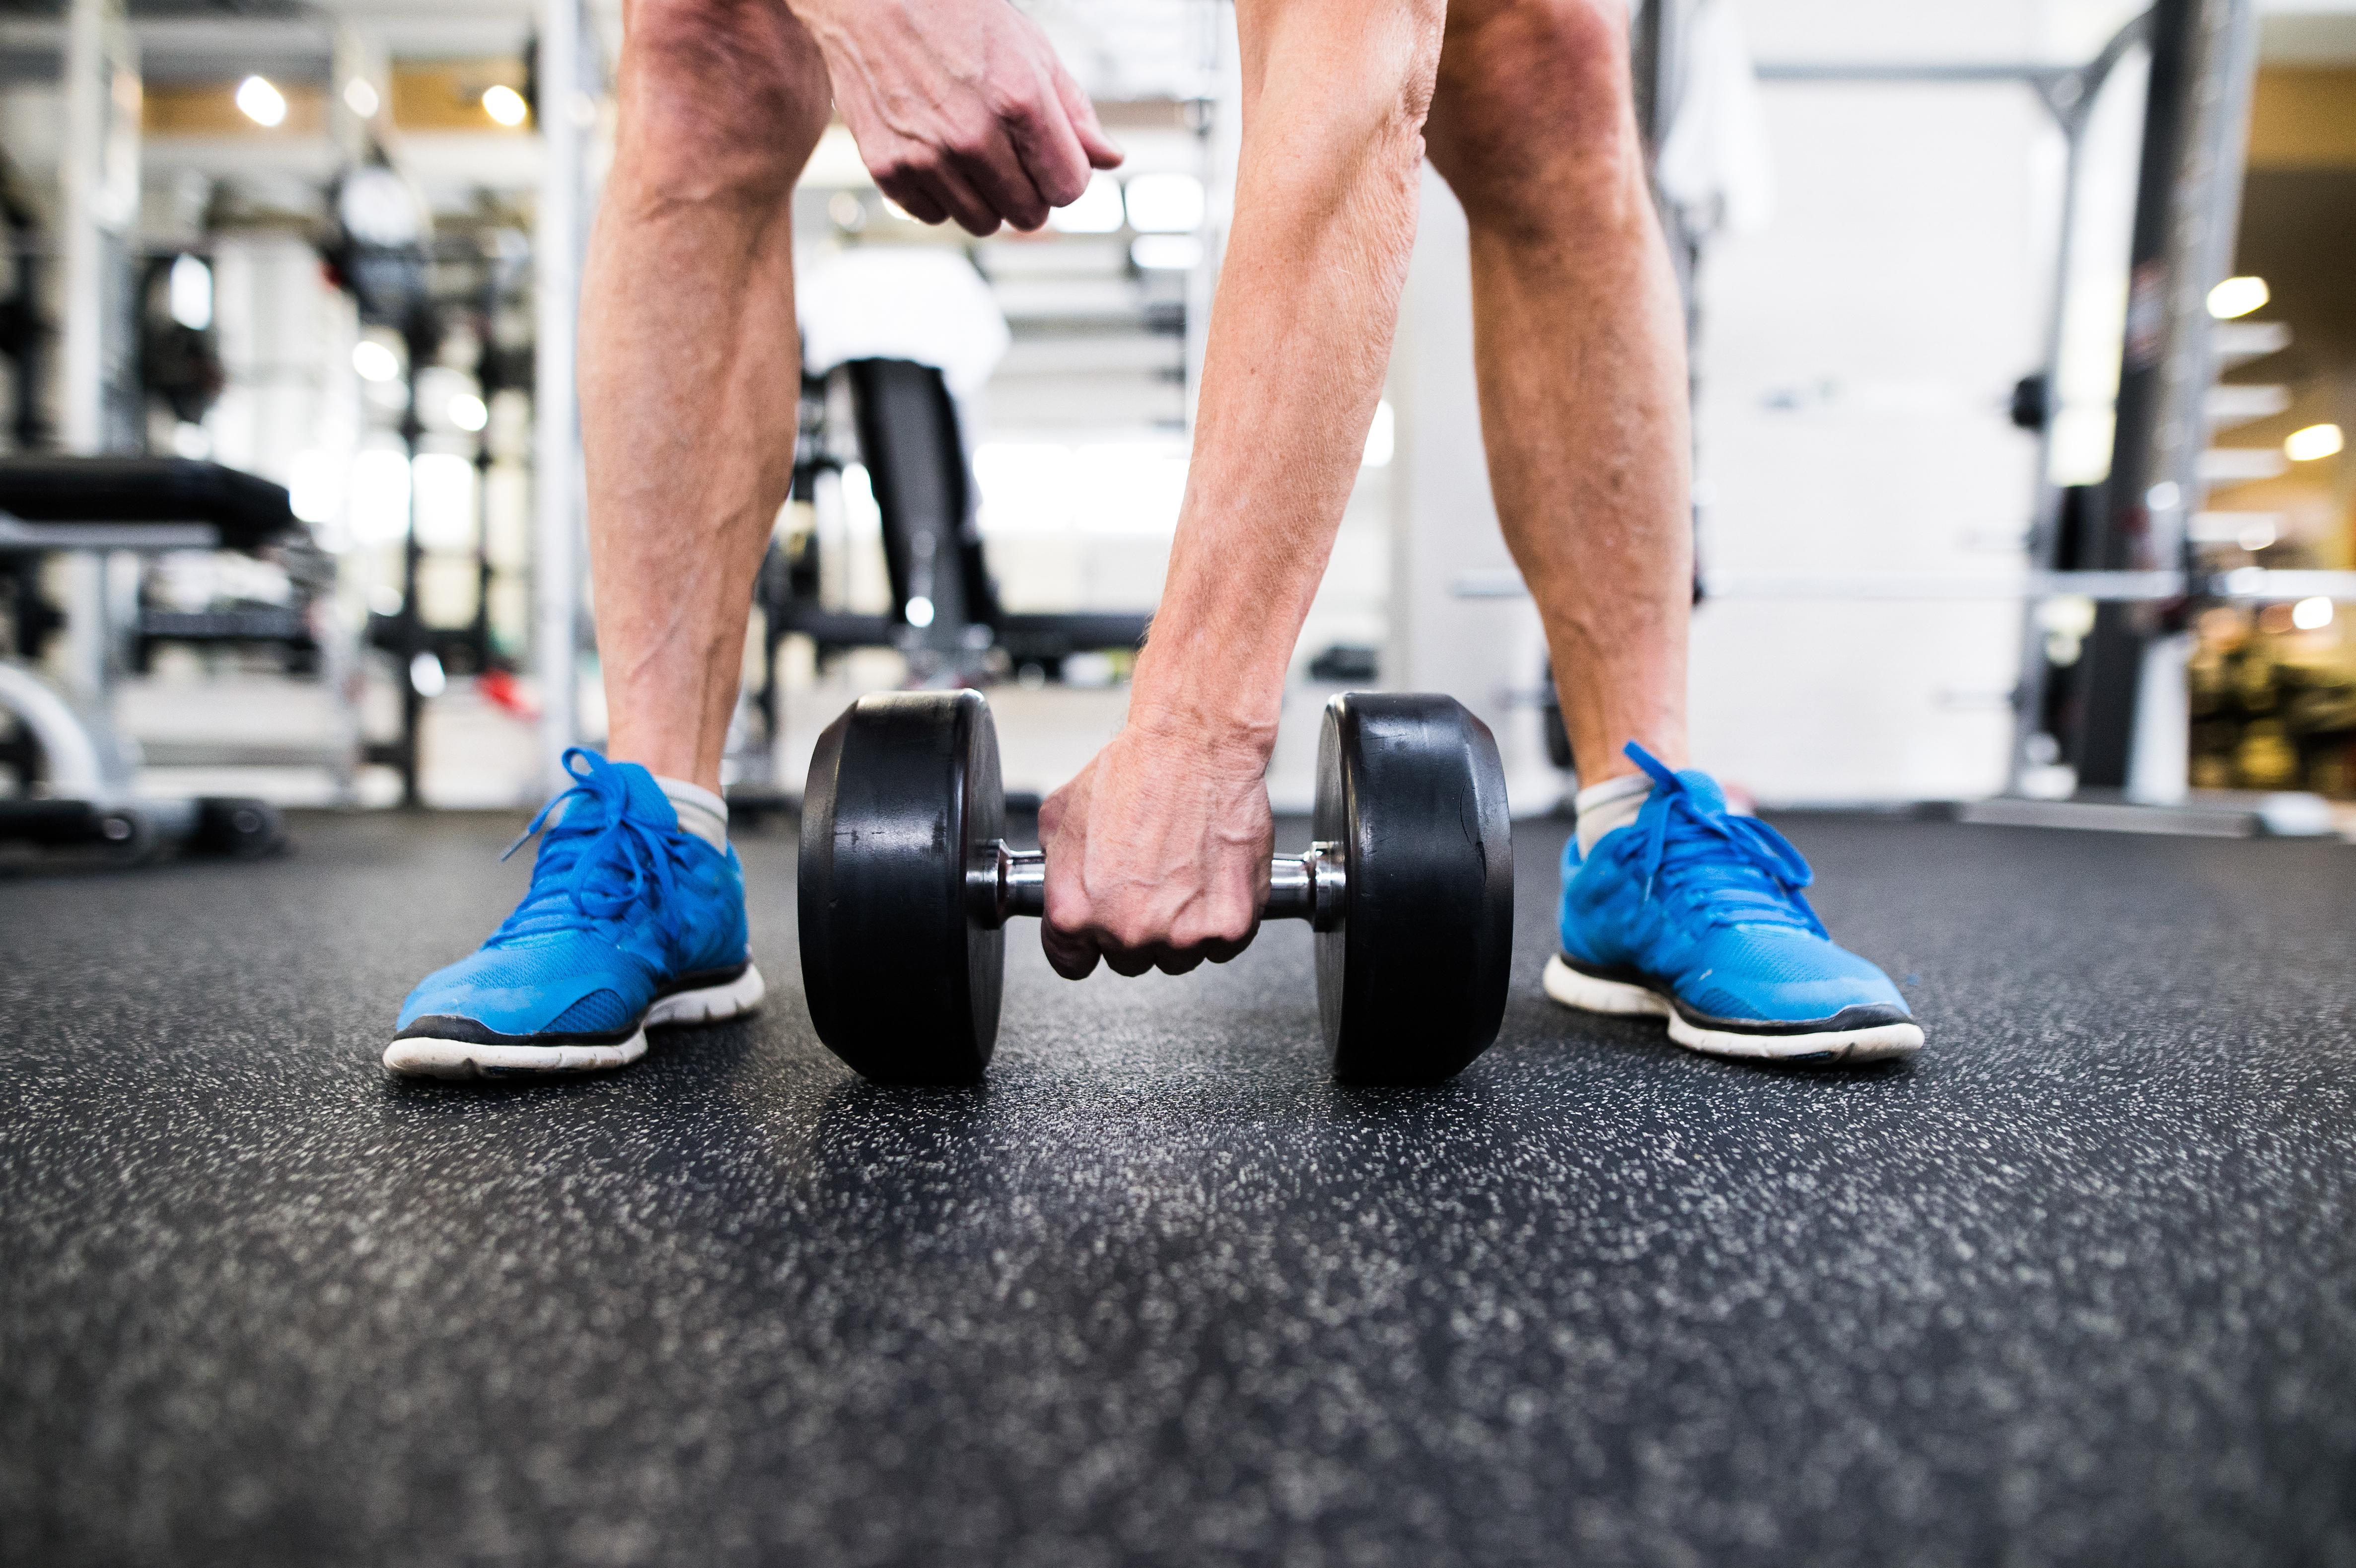 Det kan låta motsägelsefullt att träning kan motverka trötthet, men så är faktiskt fallet när det gäller cancerrelaterad fatigue.